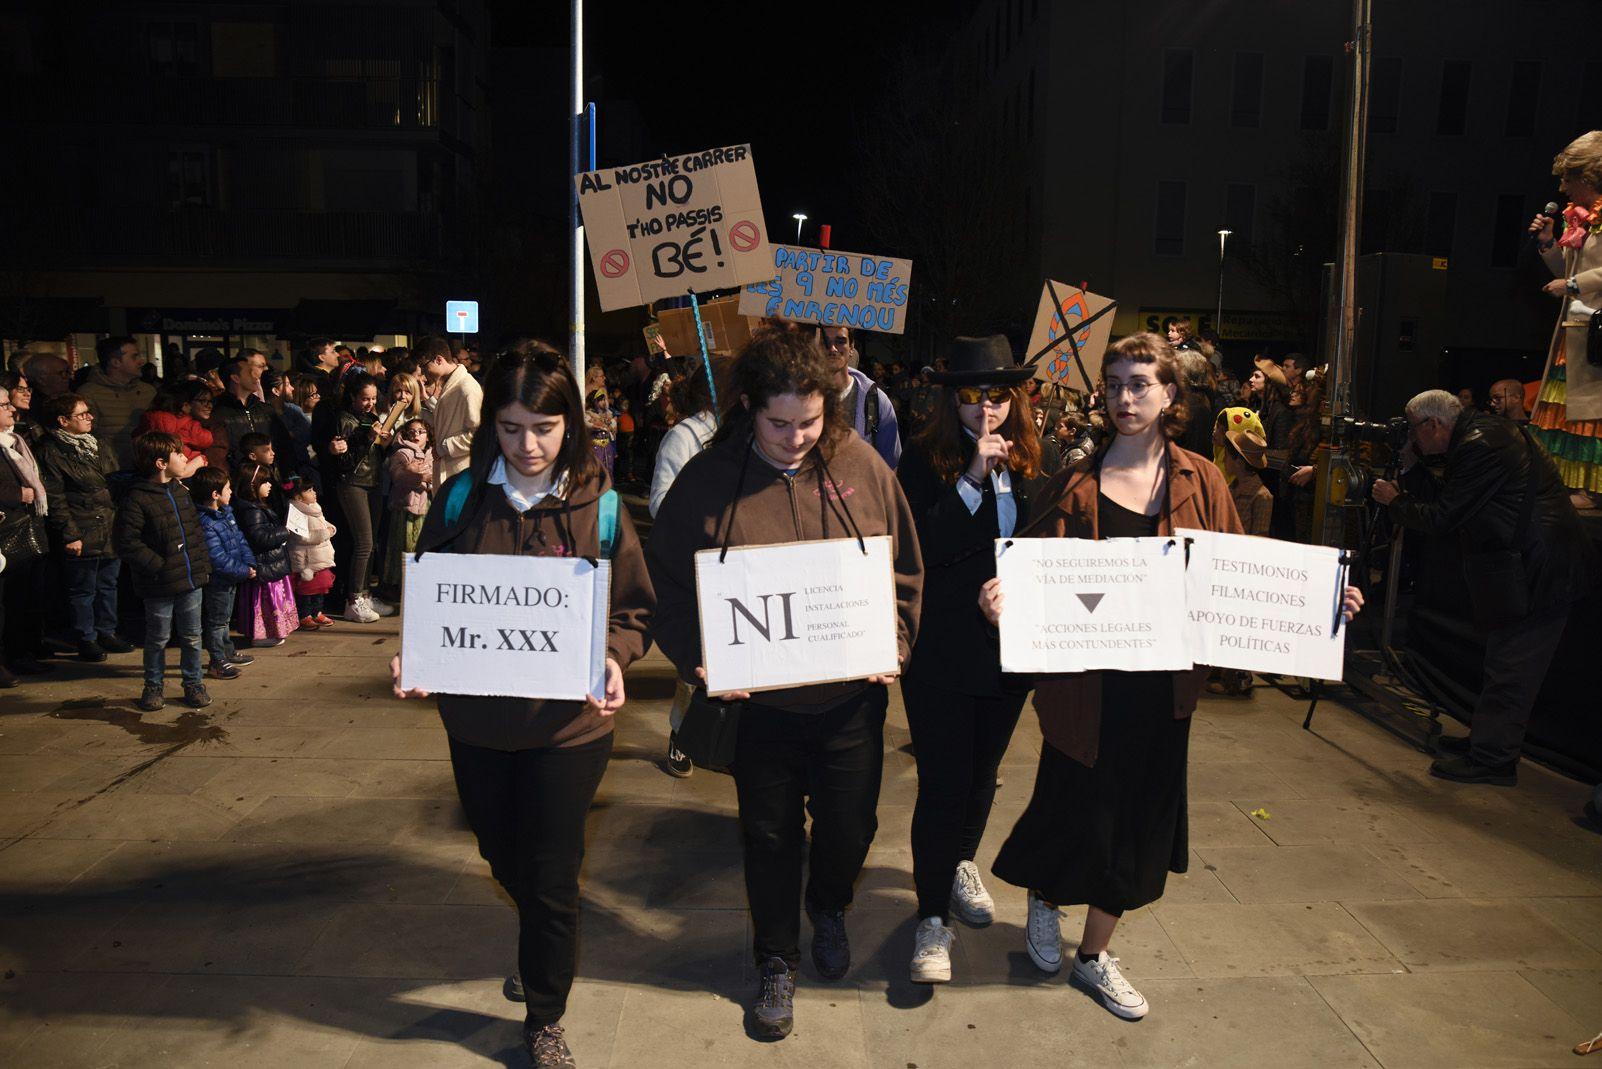 Rua i concurs de comparses de Carnaval. Foto: Bernat Millet.